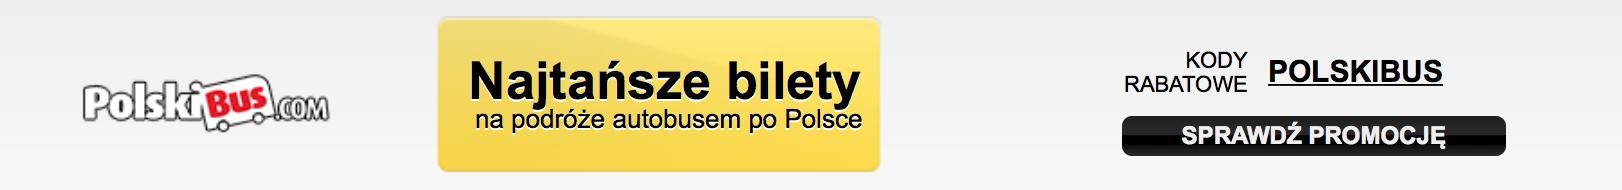 zniżki na polskiego busa